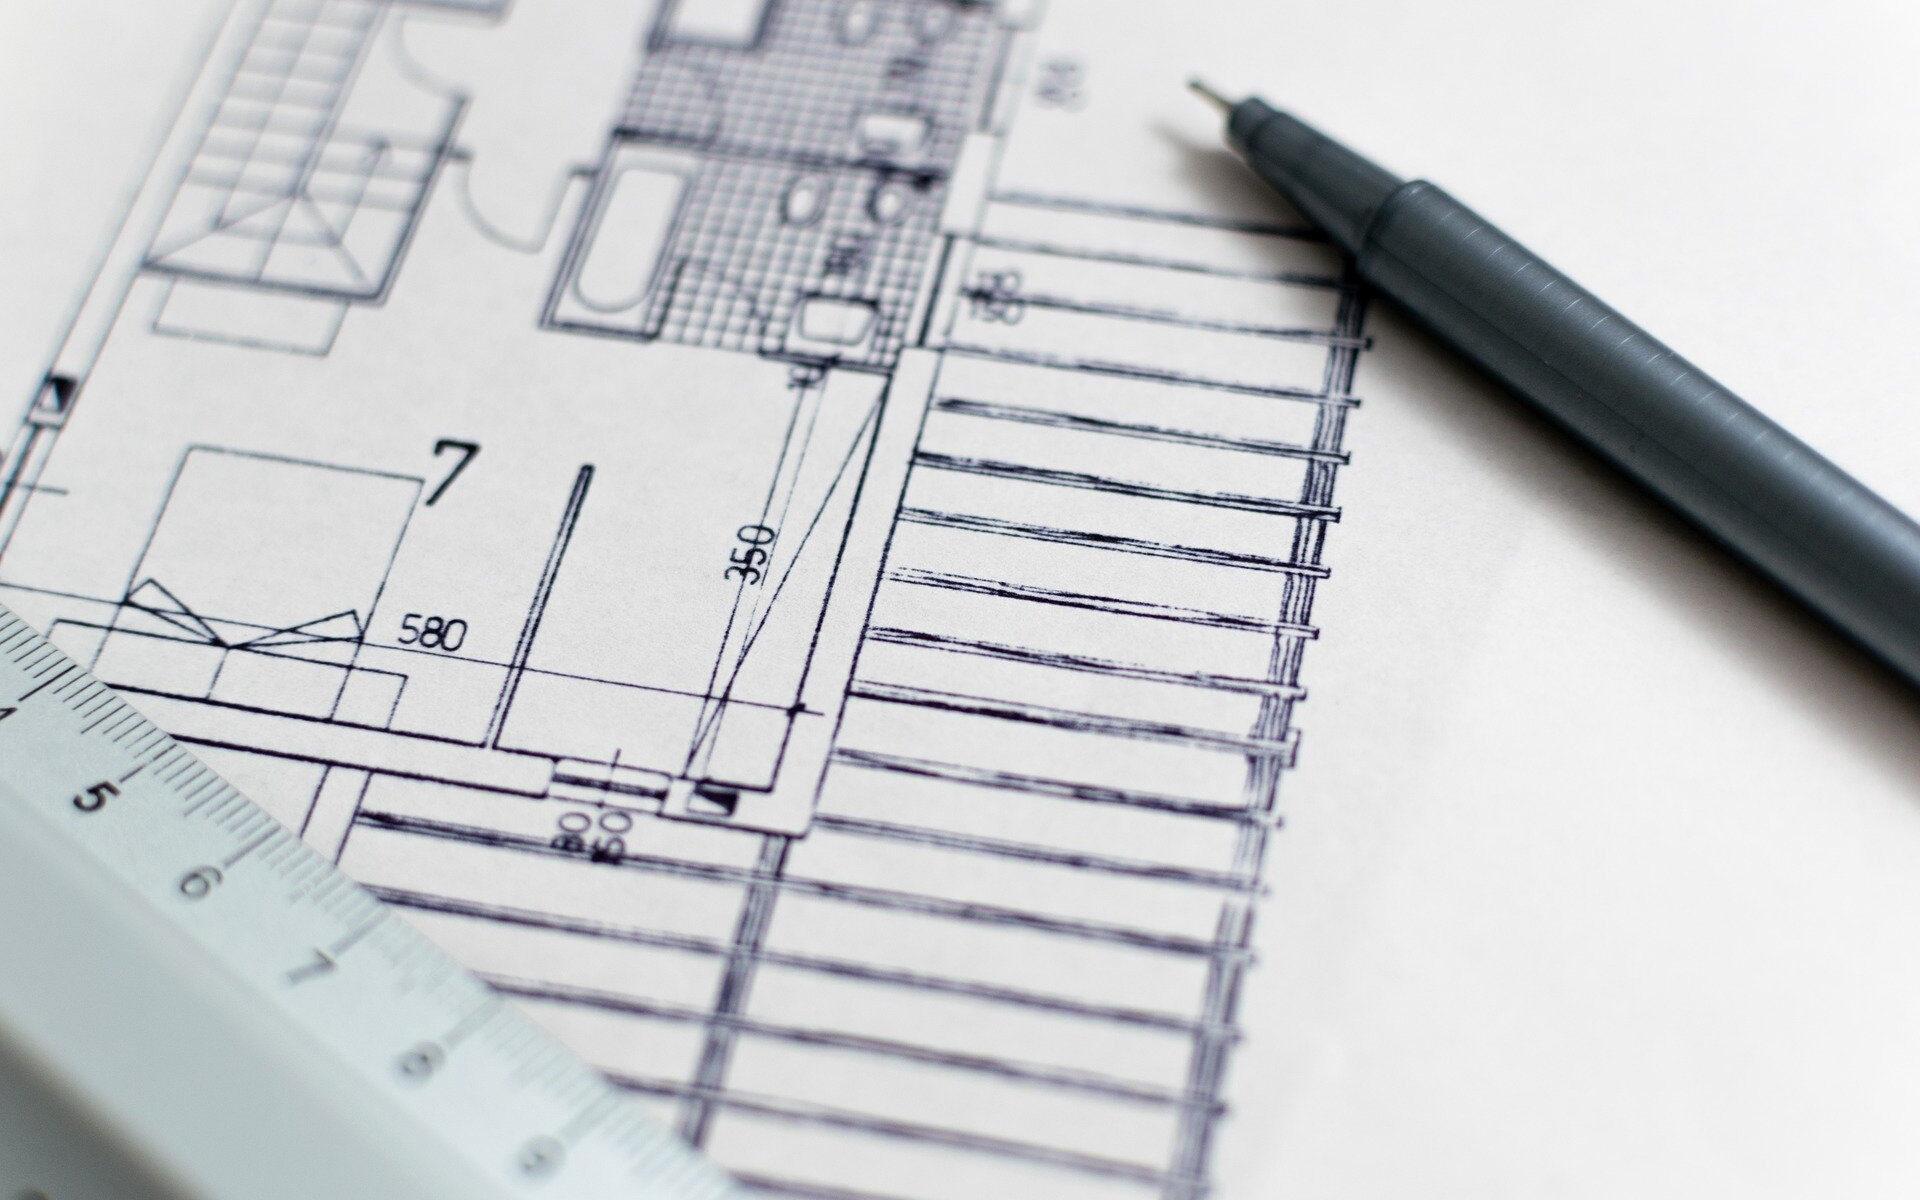 zest architectural services bristol